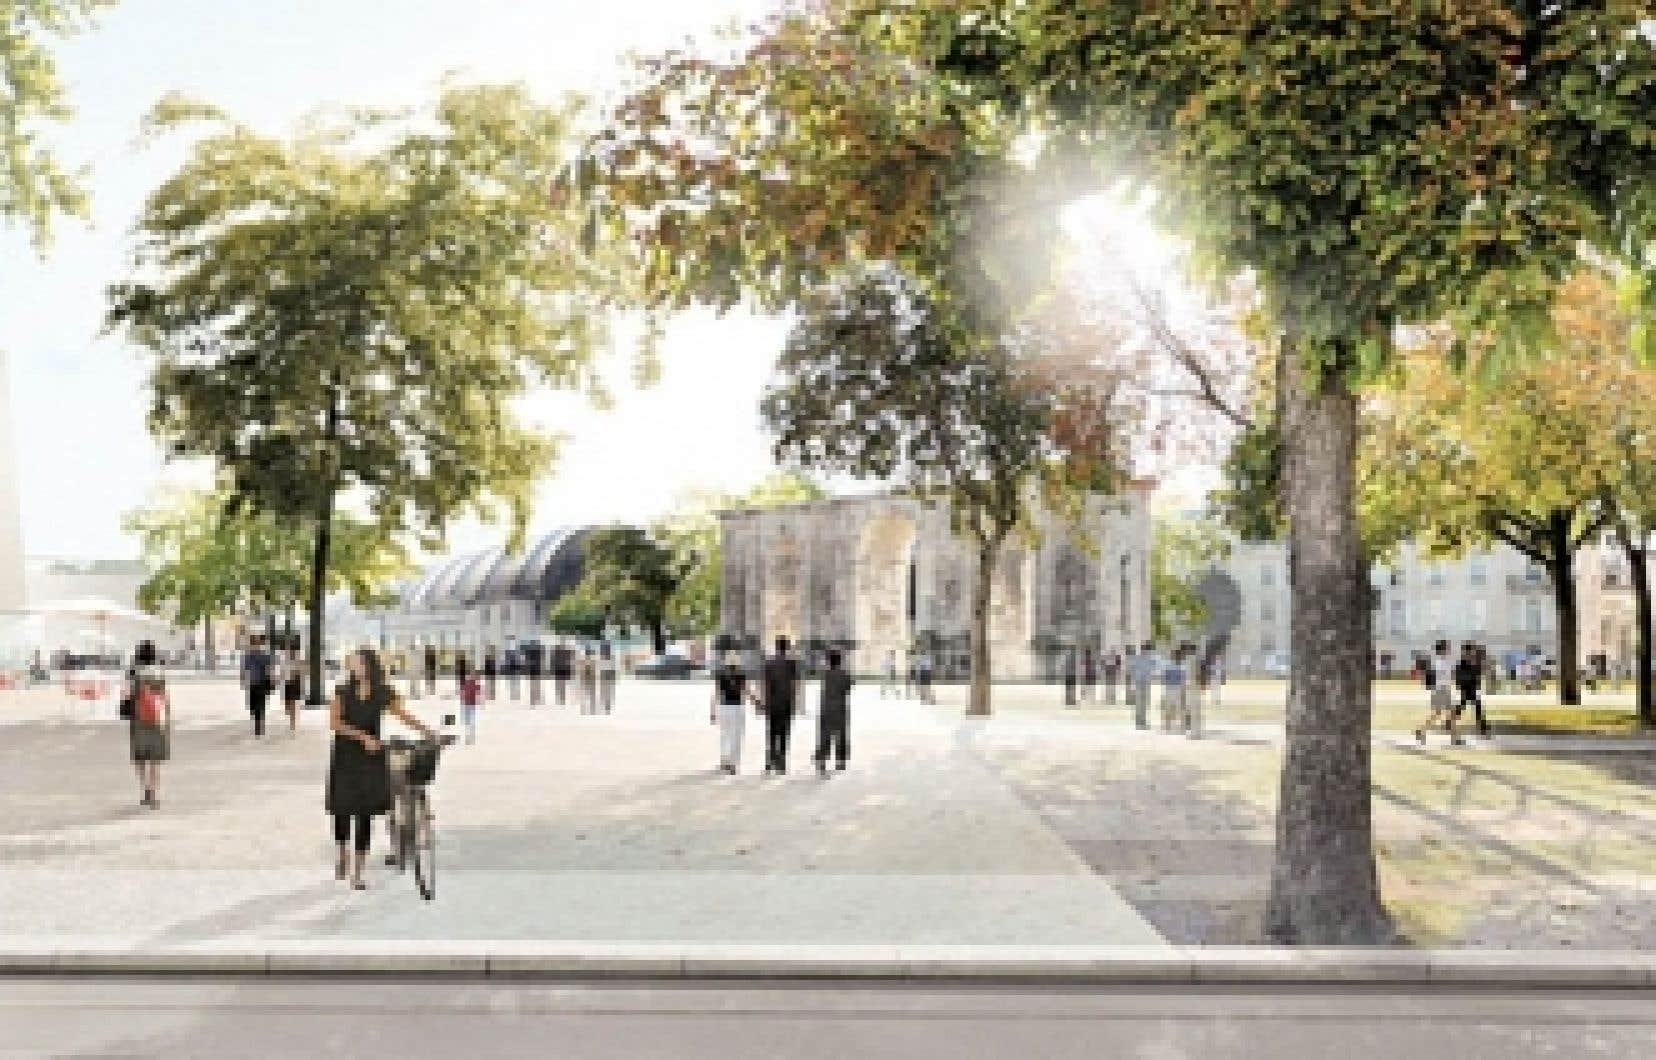 Vue prospective tirée des propositions de revitalisation du centre-ville de Reims d'une des équipes d'architectes (l'équipe Devillers); on reconnaît au fond la porte de Mars, un vestige romain qui est un des grands emblèmes de la ville.